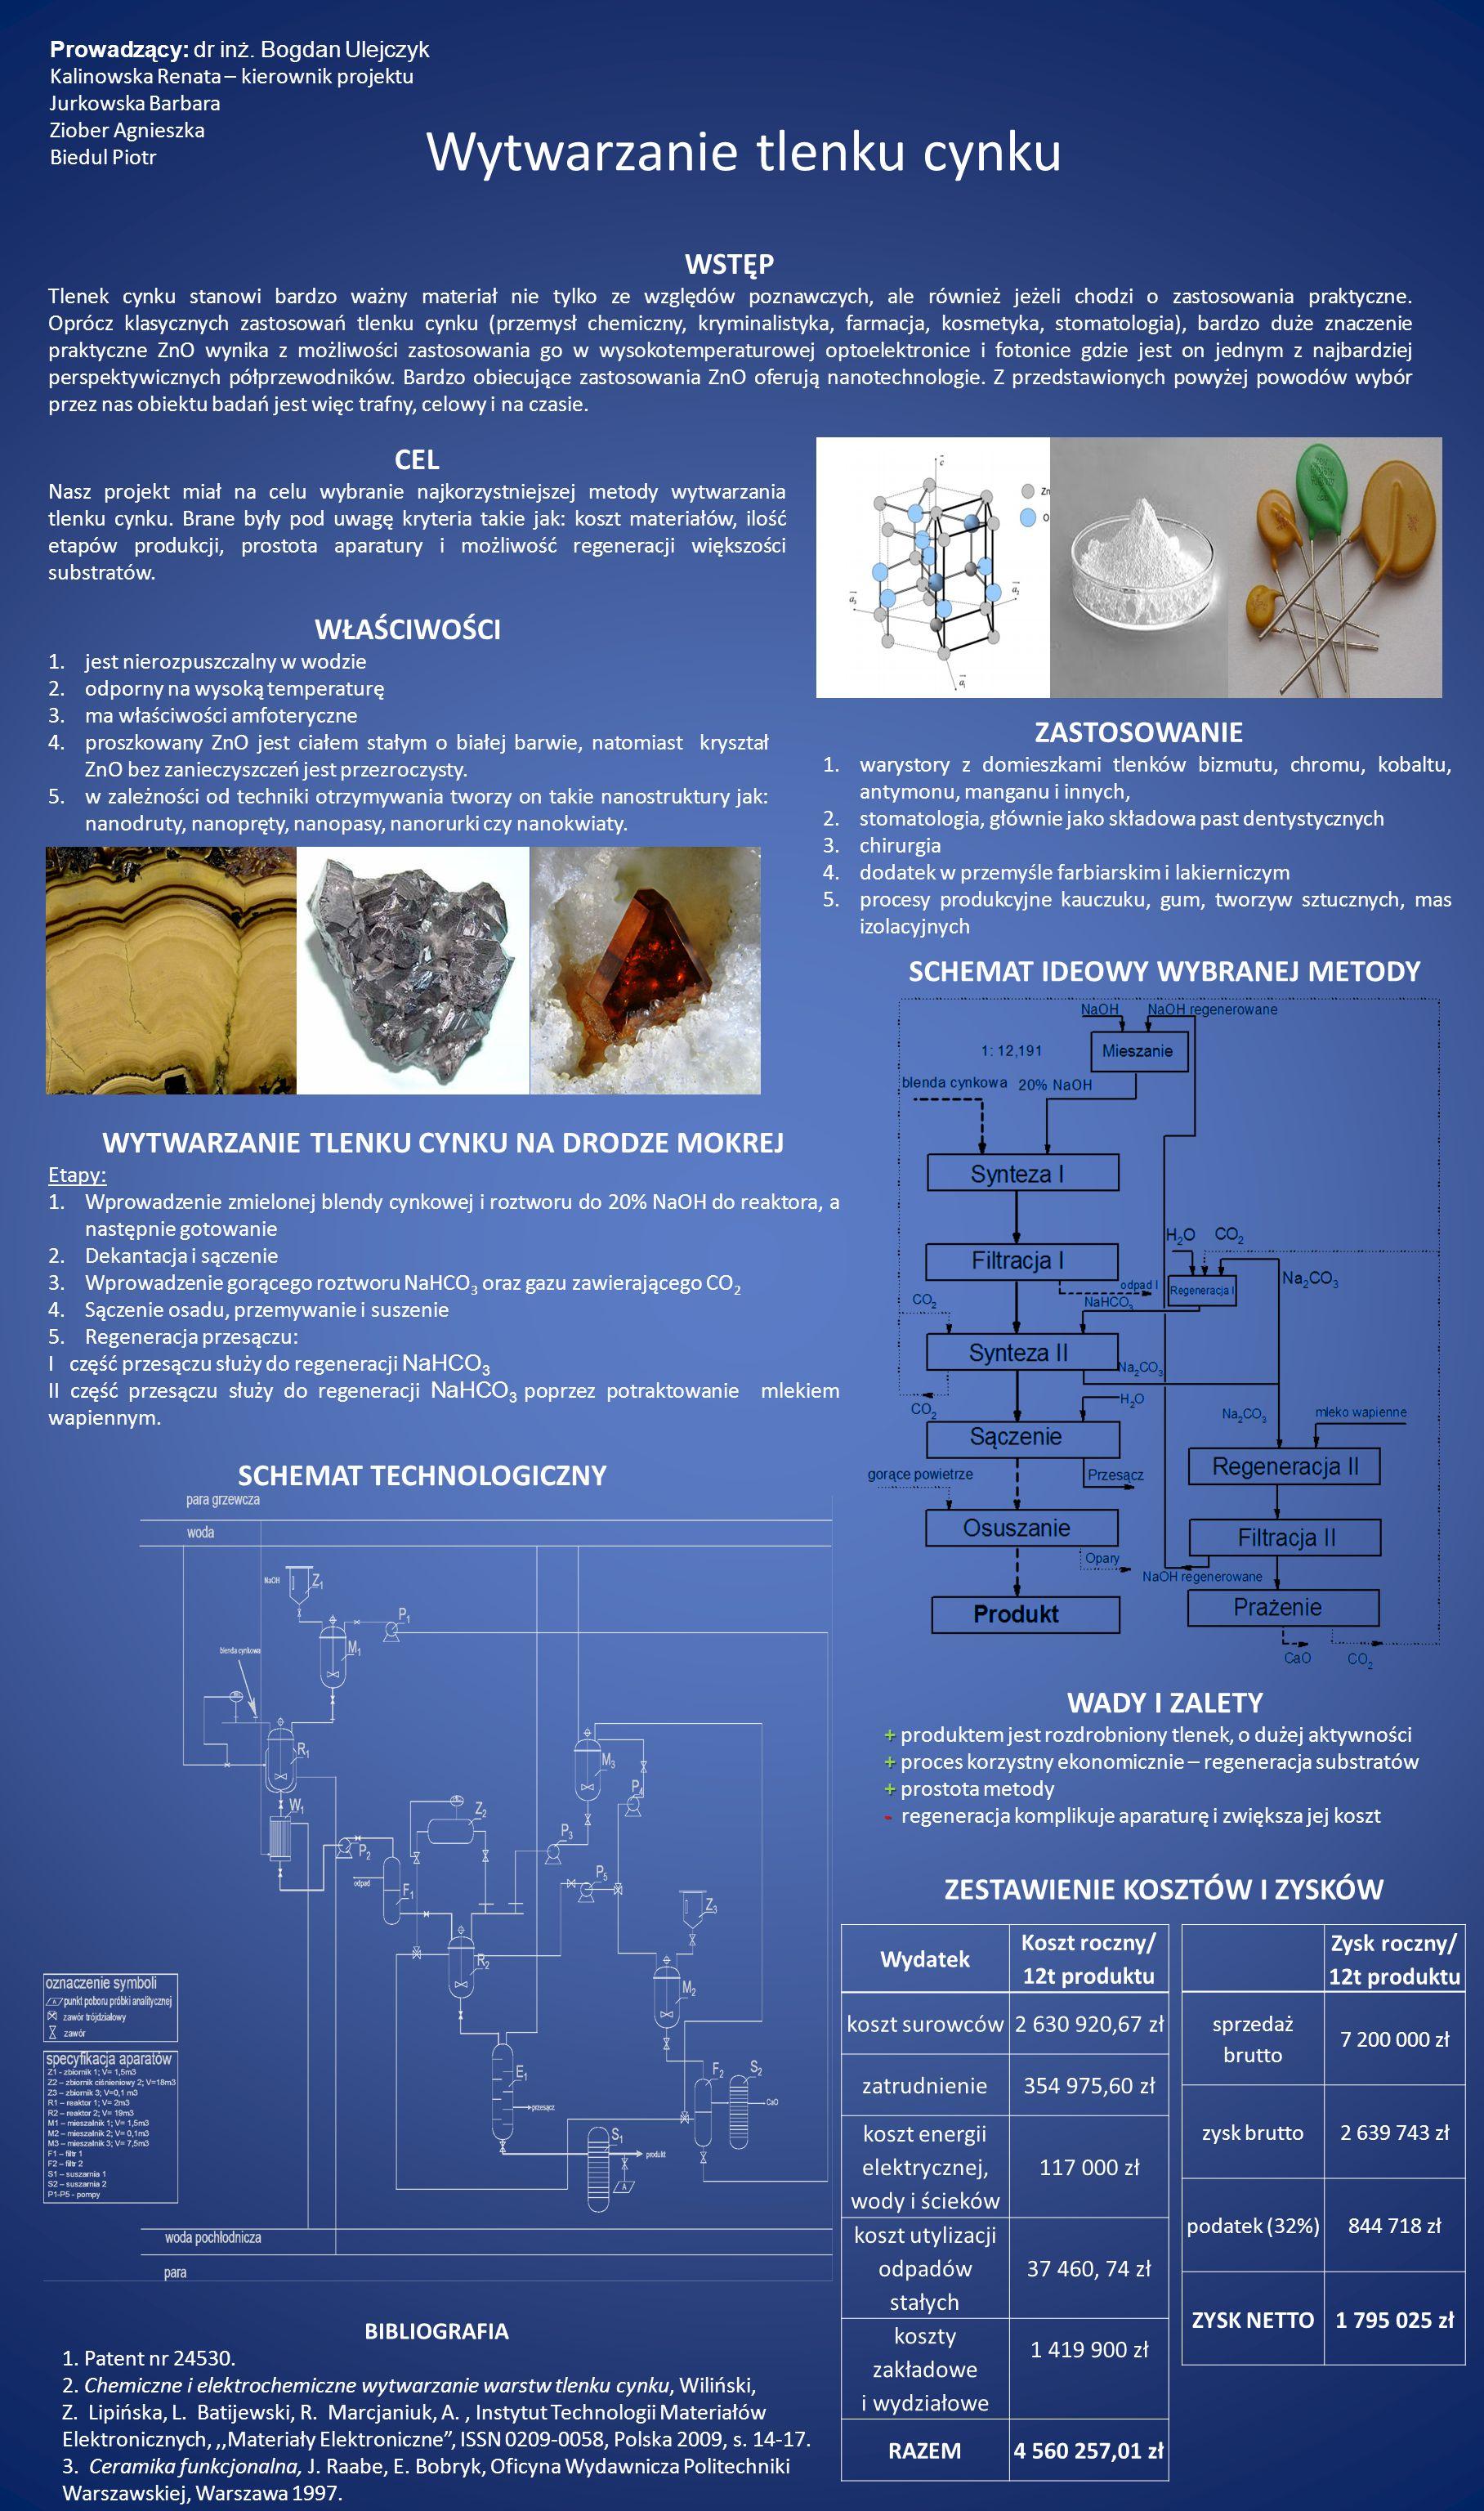 Wytwarzanie tlenku cynku WSTĘP Tlenek cynku stanowi bardzo ważny materiał nie tylko ze względów poznawczych, ale również jeżeli chodzi o zastosowania